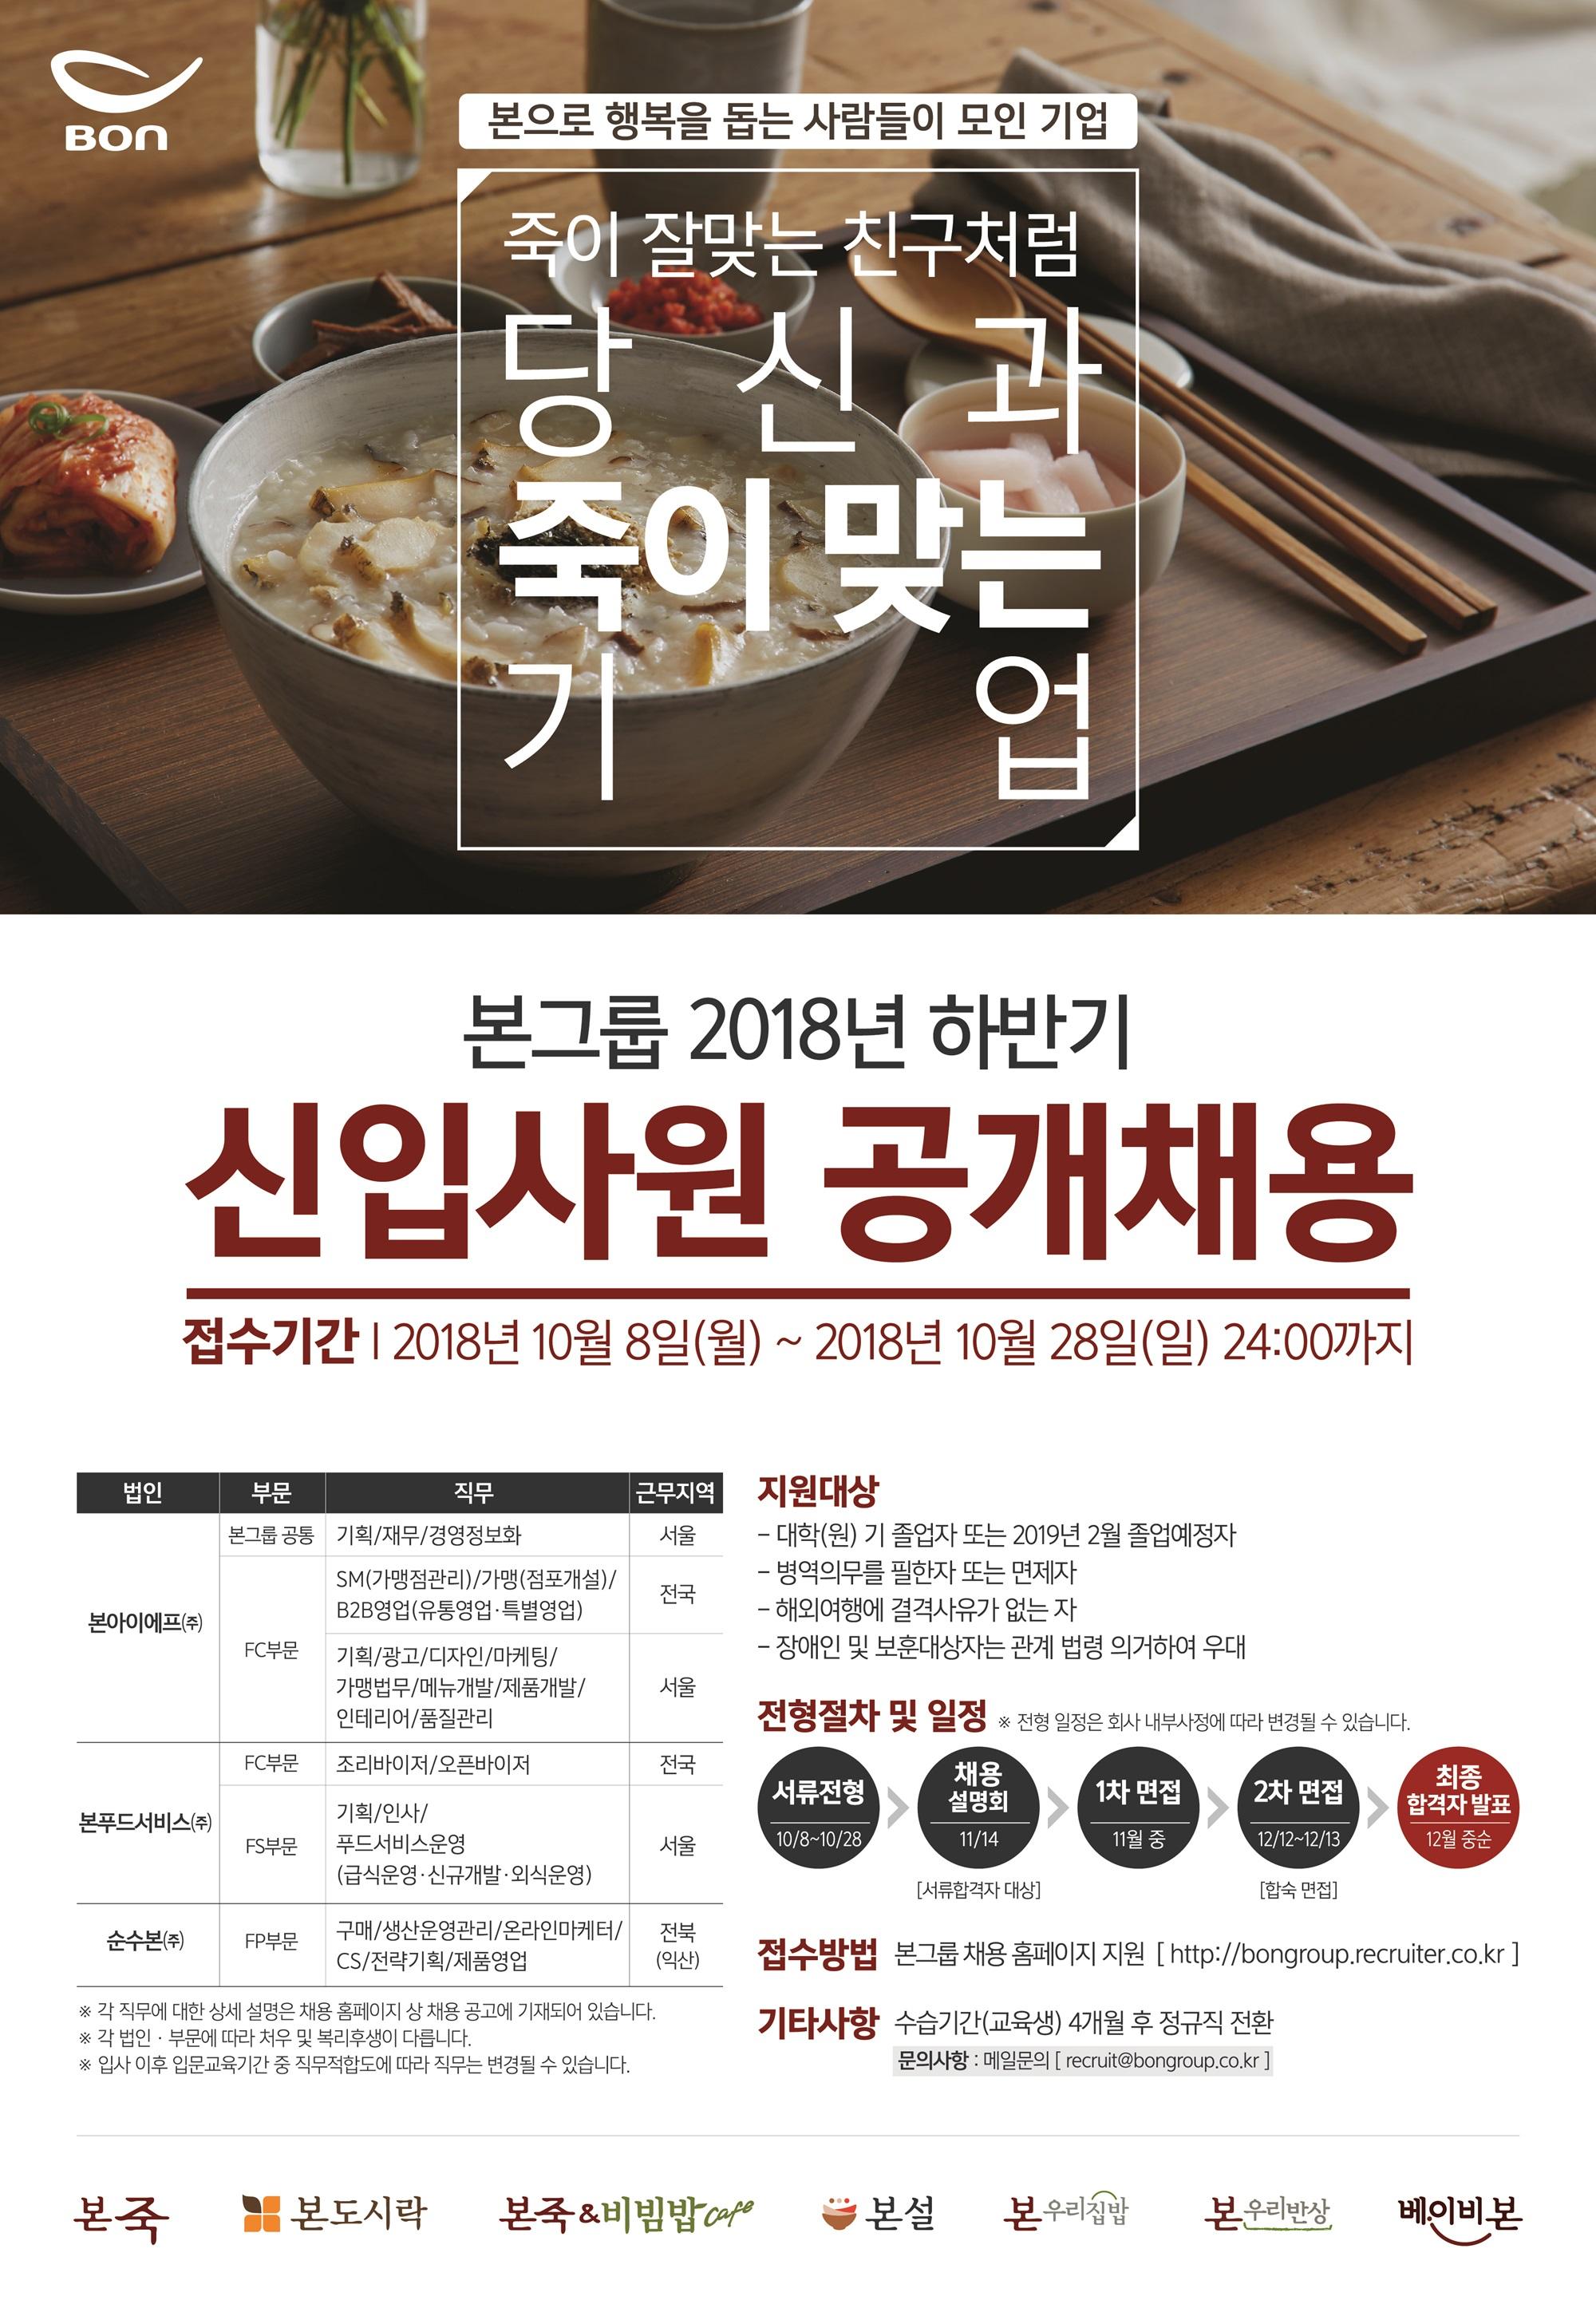 1810_본그룹2018하반기채용+포스터(배포).jpg